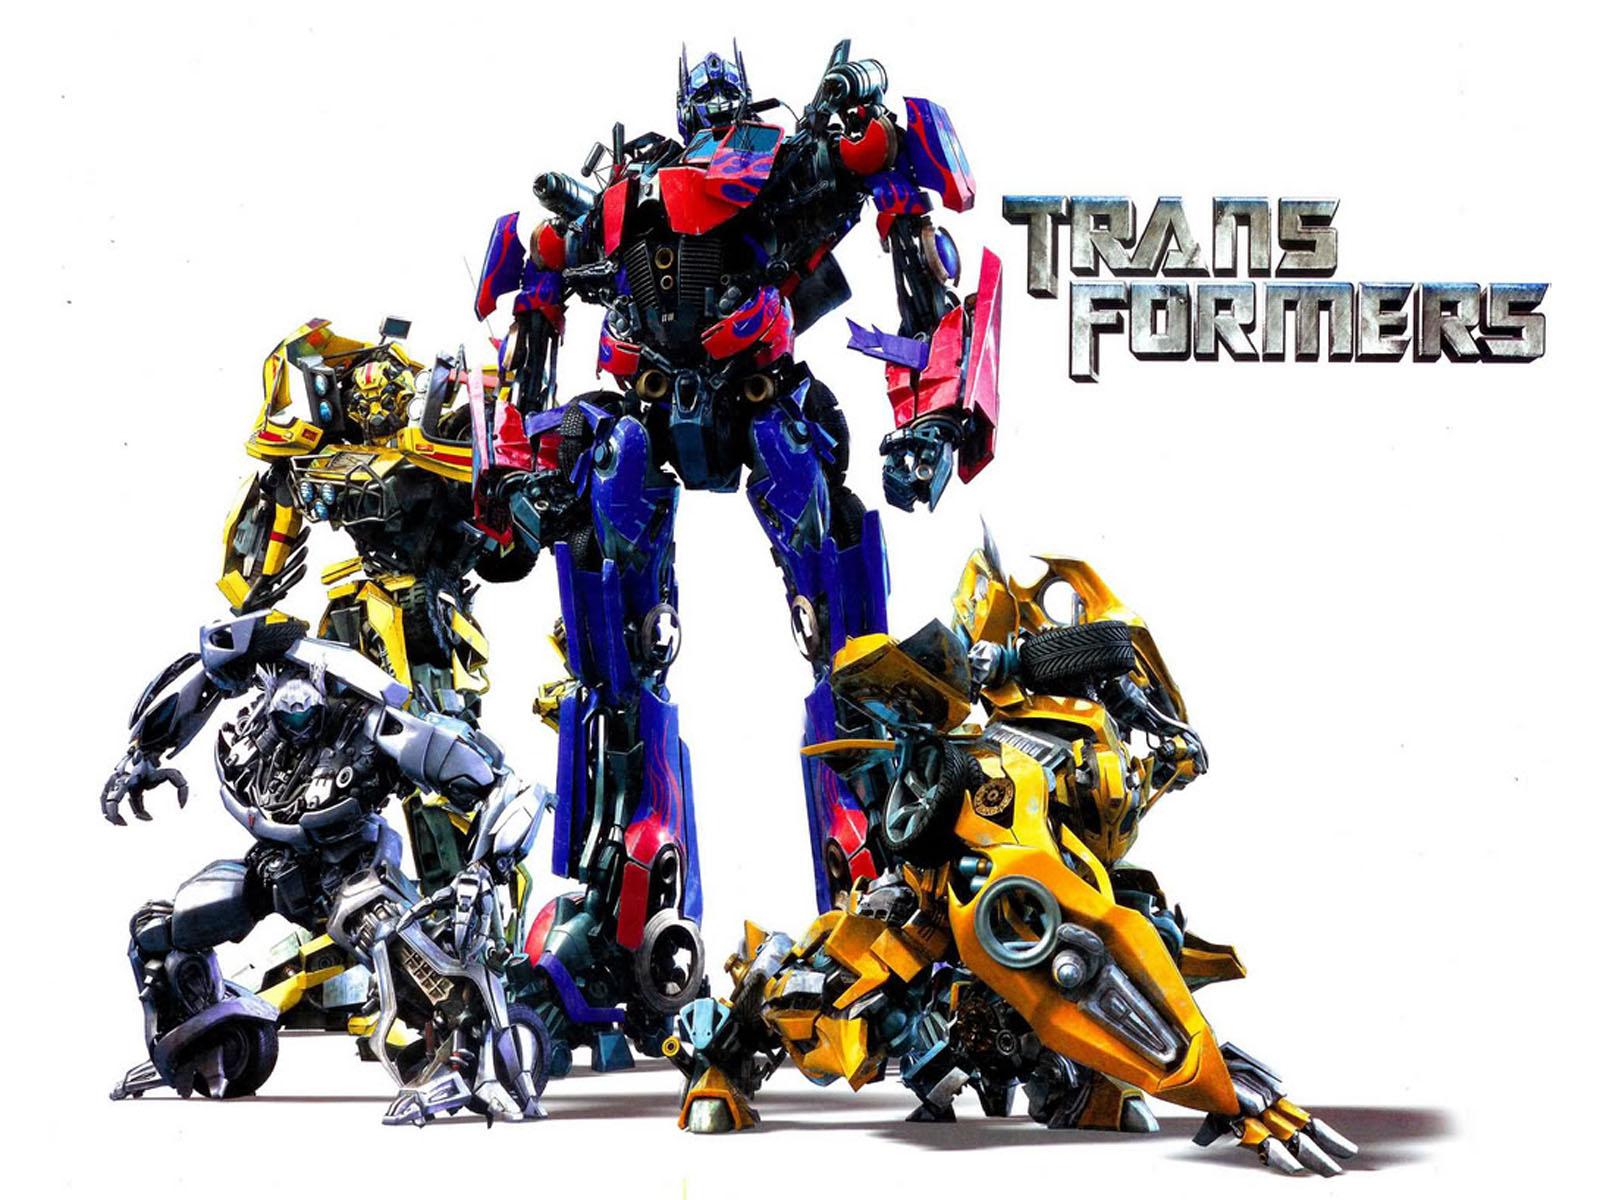 Transformers Wallpapers   Salon des Refus233s 1600x1200